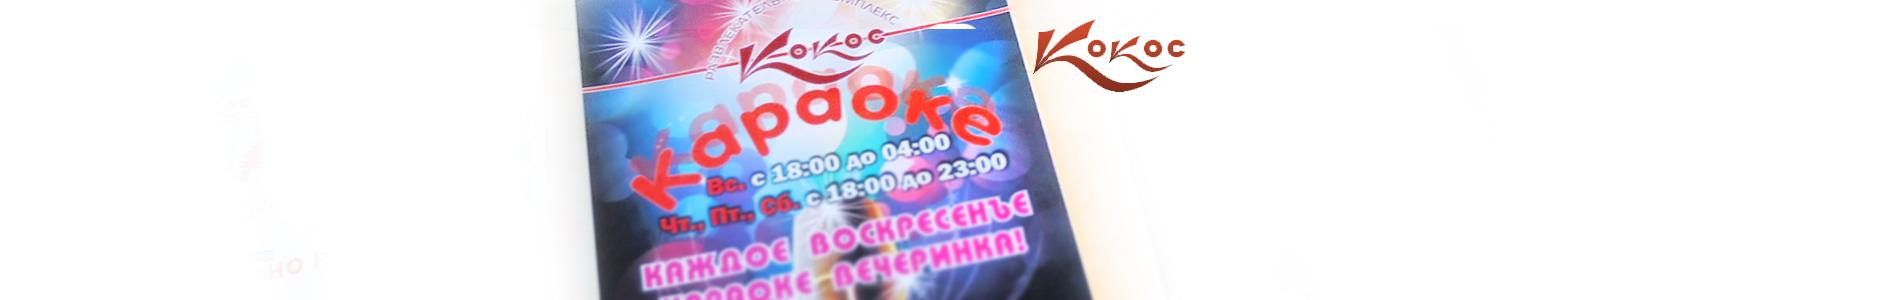 """Афиша для развлекательного комплекса """"КОКОС"""""""